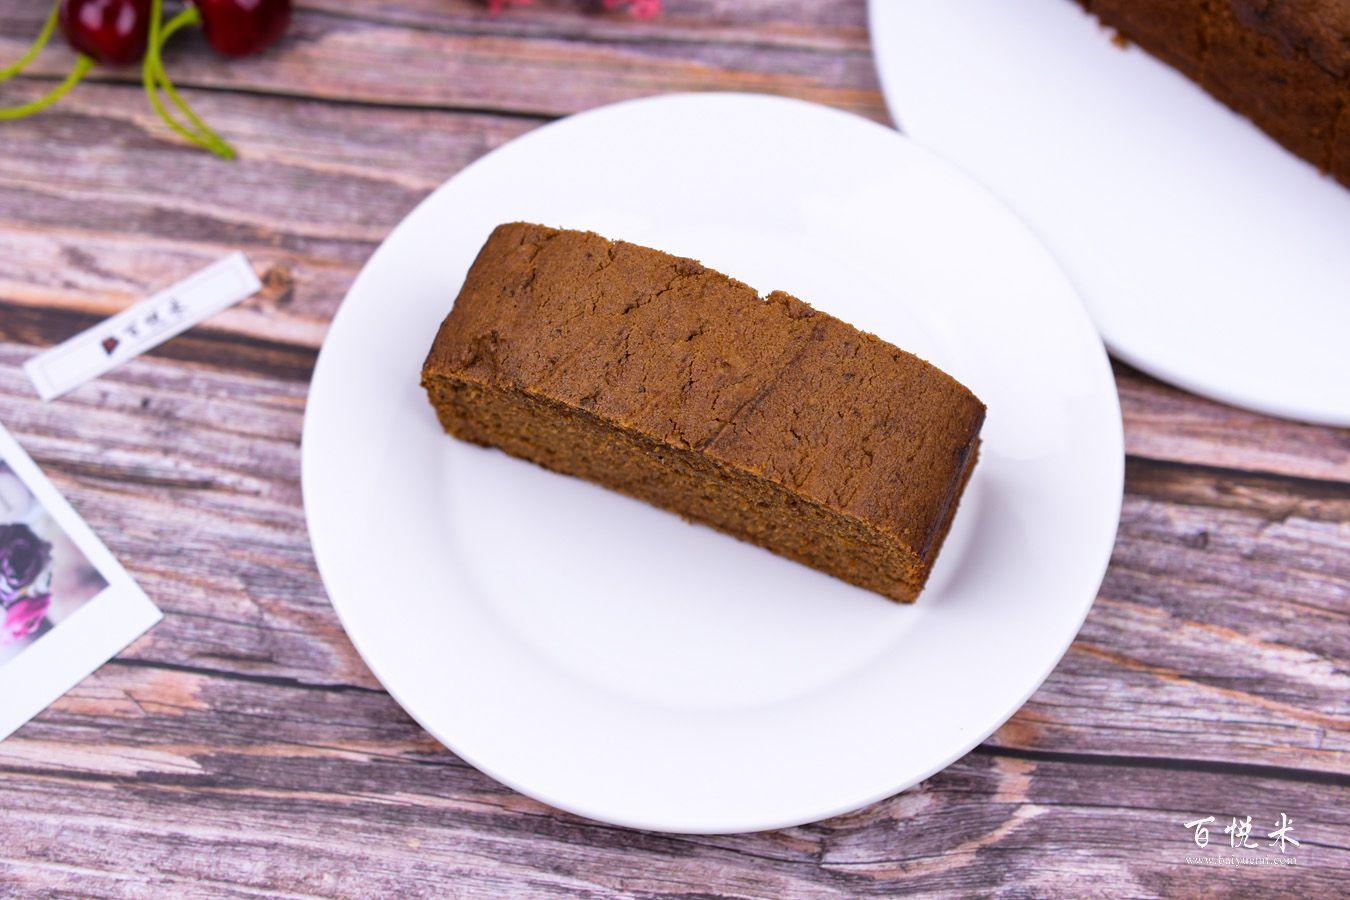 枣泥磅蛋糕的做法大全,枣泥磅蛋糕培训怎么做